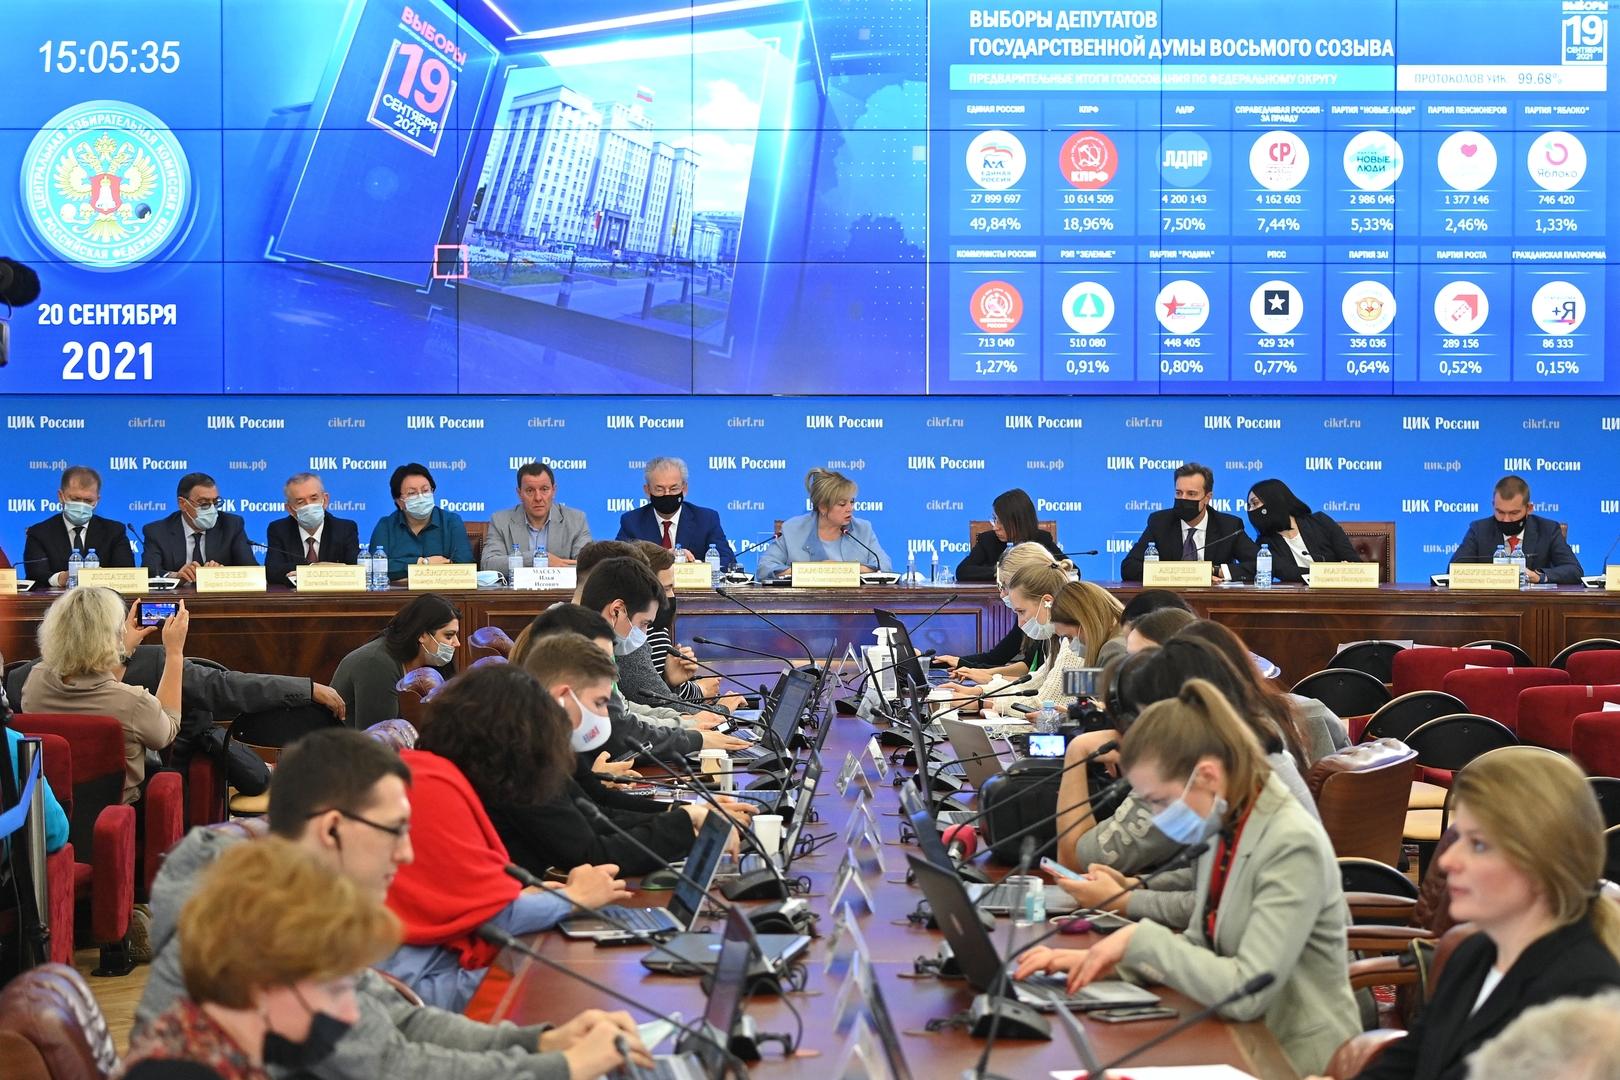 جلسة للجنة المركزية للانتخابات في روسيا حول نتائج انتخابات مجلس الدوما.